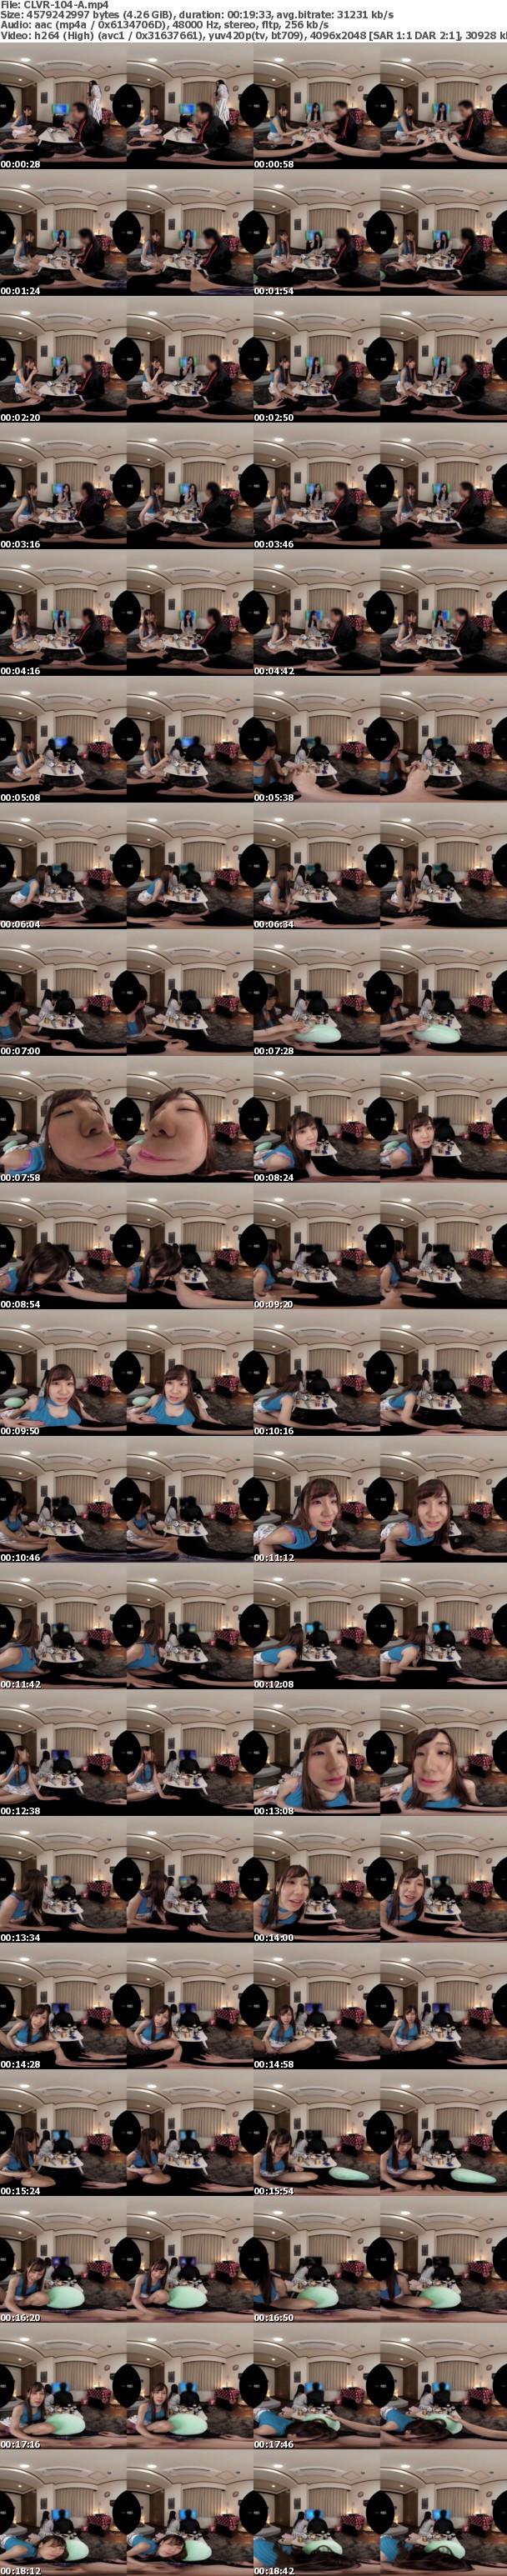 (VR) CLVR-104 ボクのカノジョは匂わせメ○ヘラ系女!!VR ボクとの関係をみんなに公表したい!常に束縛していたい!カワイイけどヤバい女と付き合って別れて再び付き合う事になった一部始終をバーチャル恋愛体験!!